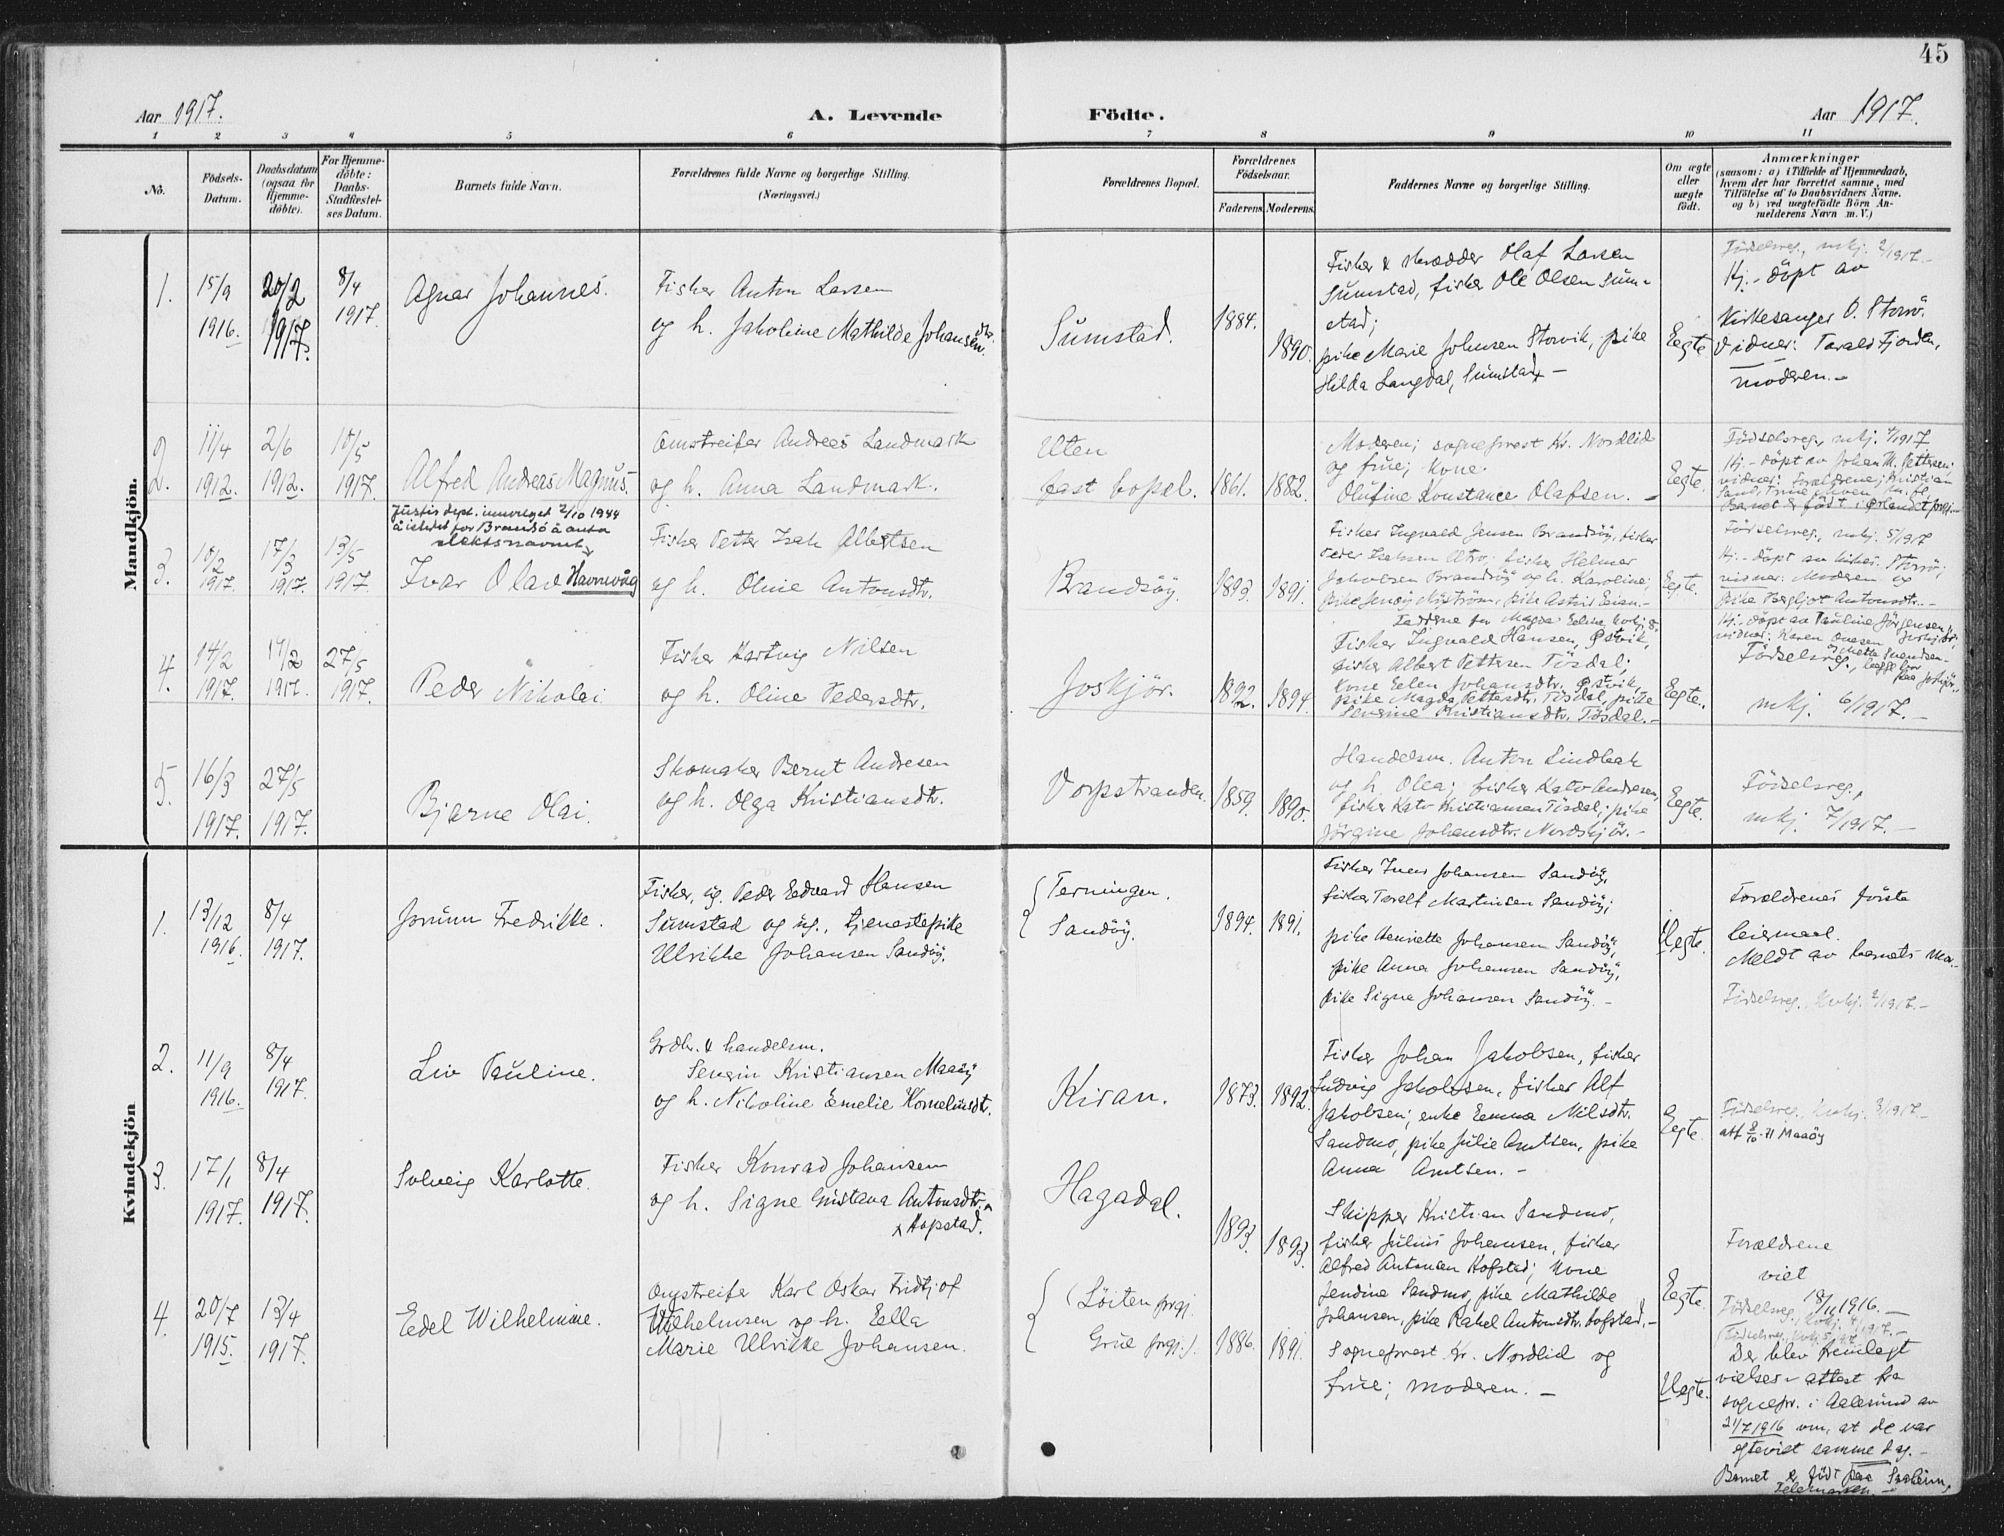 SAT, Ministerialprotokoller, klokkerbøker og fødselsregistre - Sør-Trøndelag, 657/L0709: Ministerialbok nr. 657A10, 1905-1919, s. 45